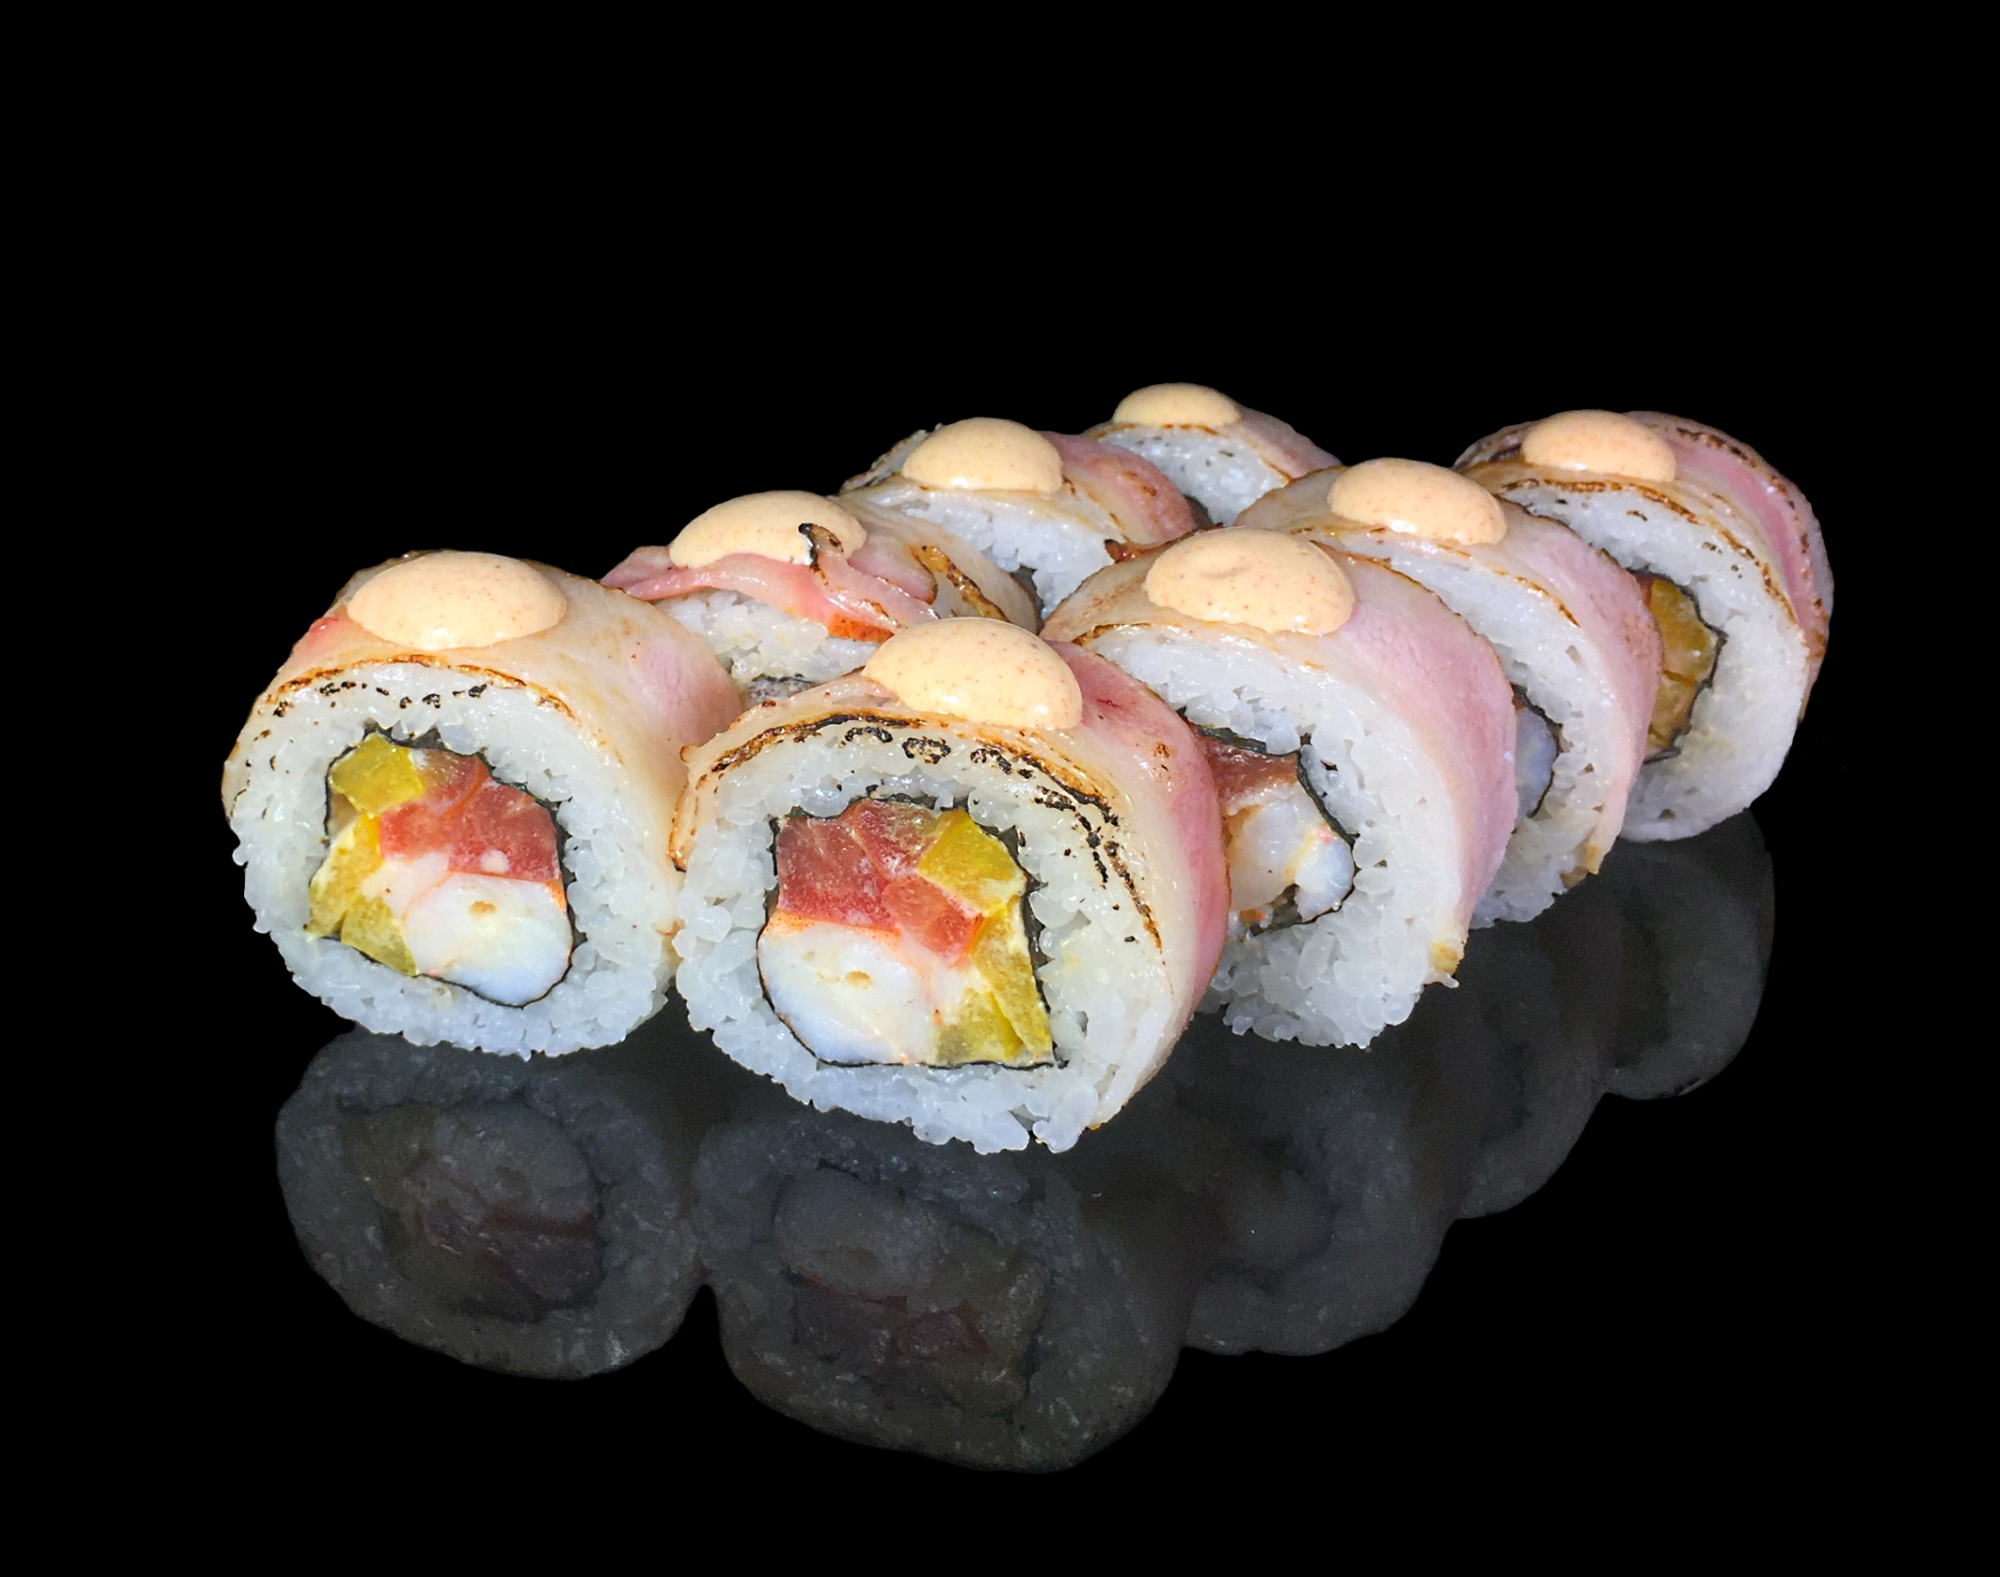 Техас суши ролл от urbanfood.by - служба доставки суши в Минске